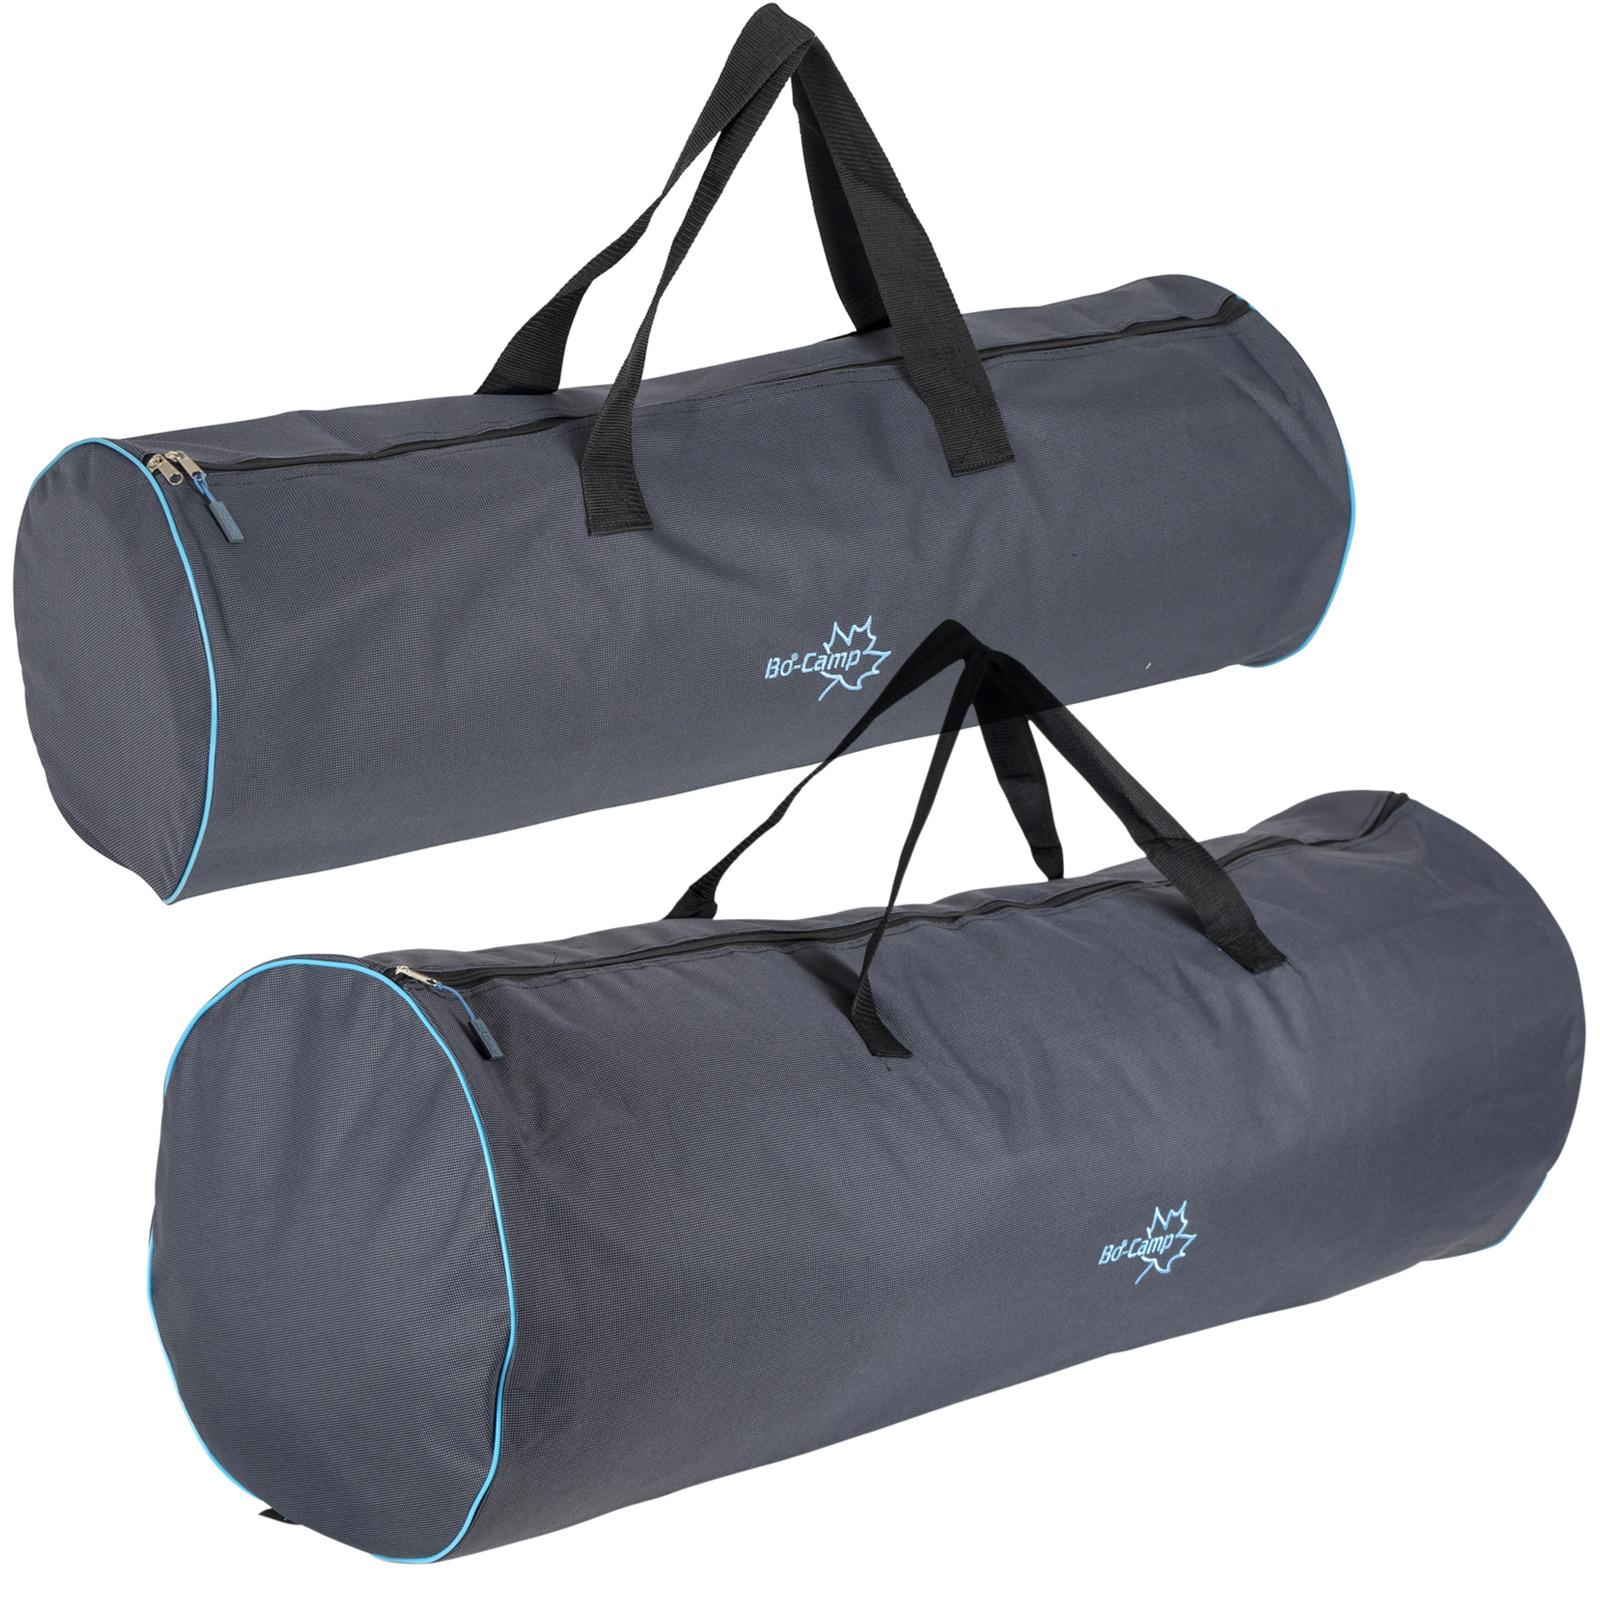 BO-CAMP Aufbewahrungstasche Zelt-Teppich-Boden-Pack-Tasche-Schutz-Hülle-Camping